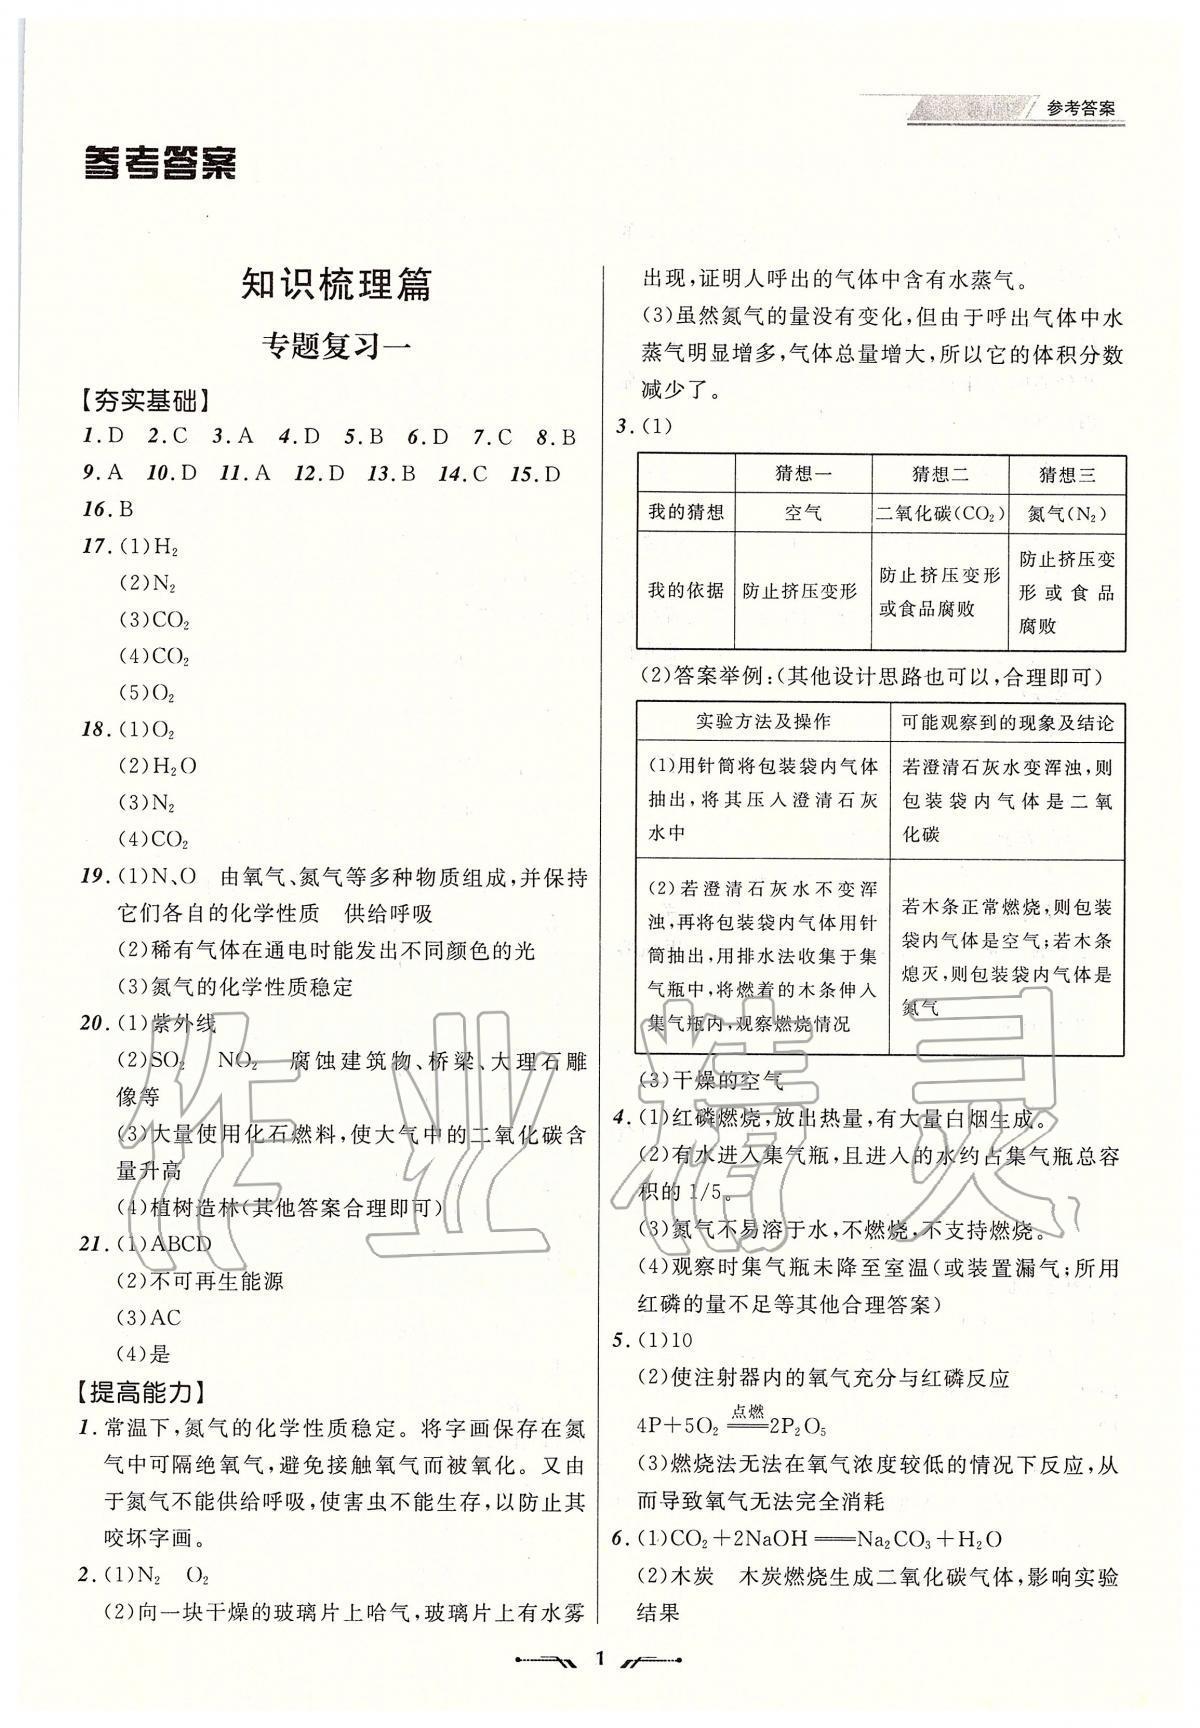 2020年中考全程复习训练化学大连专版第1页